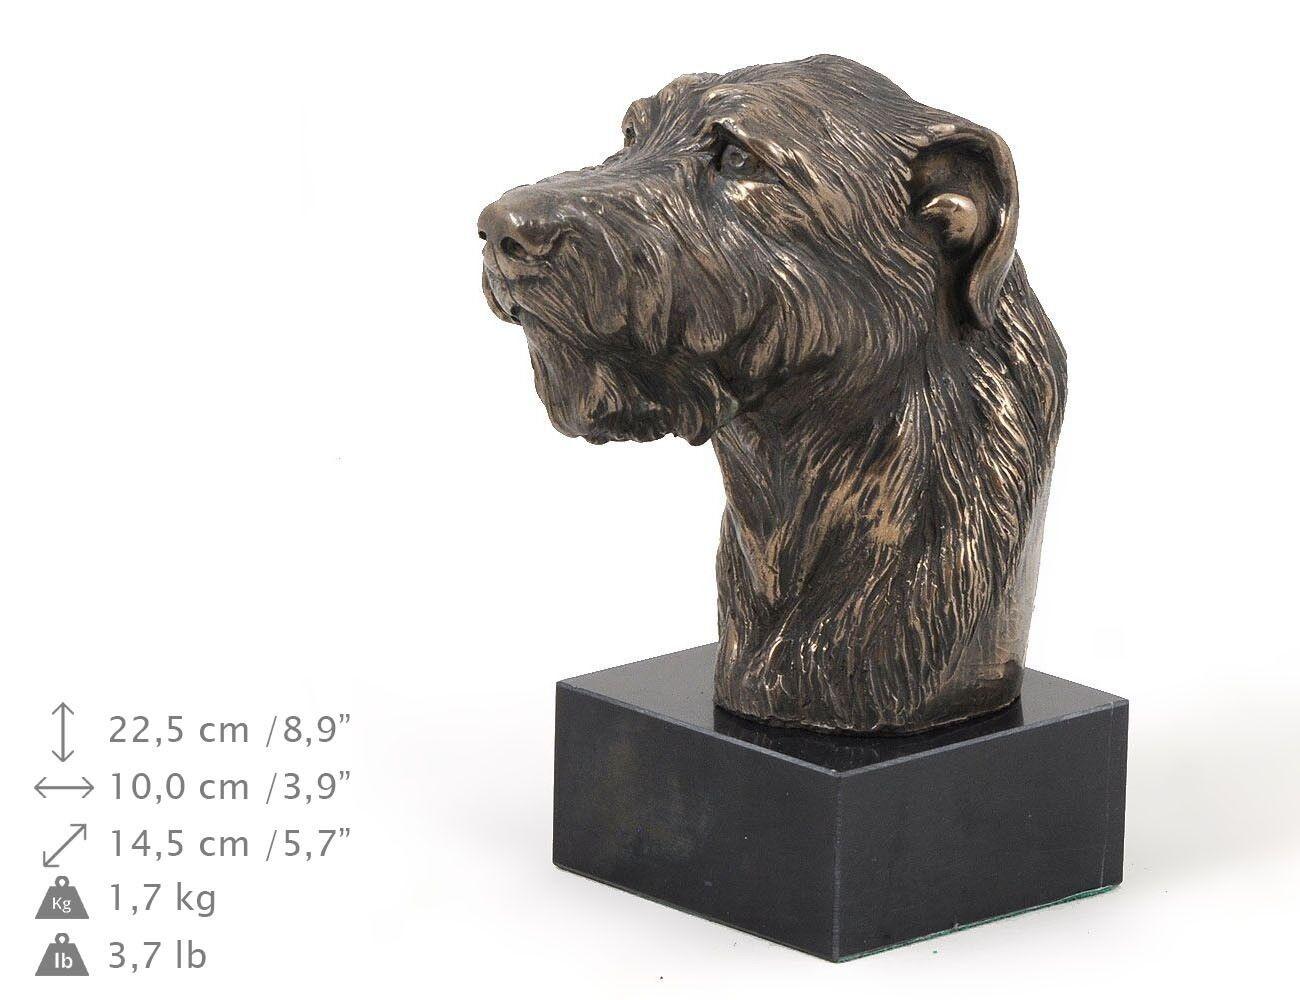 miglior reputazione Levriero irlandese - statua di cane, cane, cane, edizione limitata Art Dog IT  bellissima